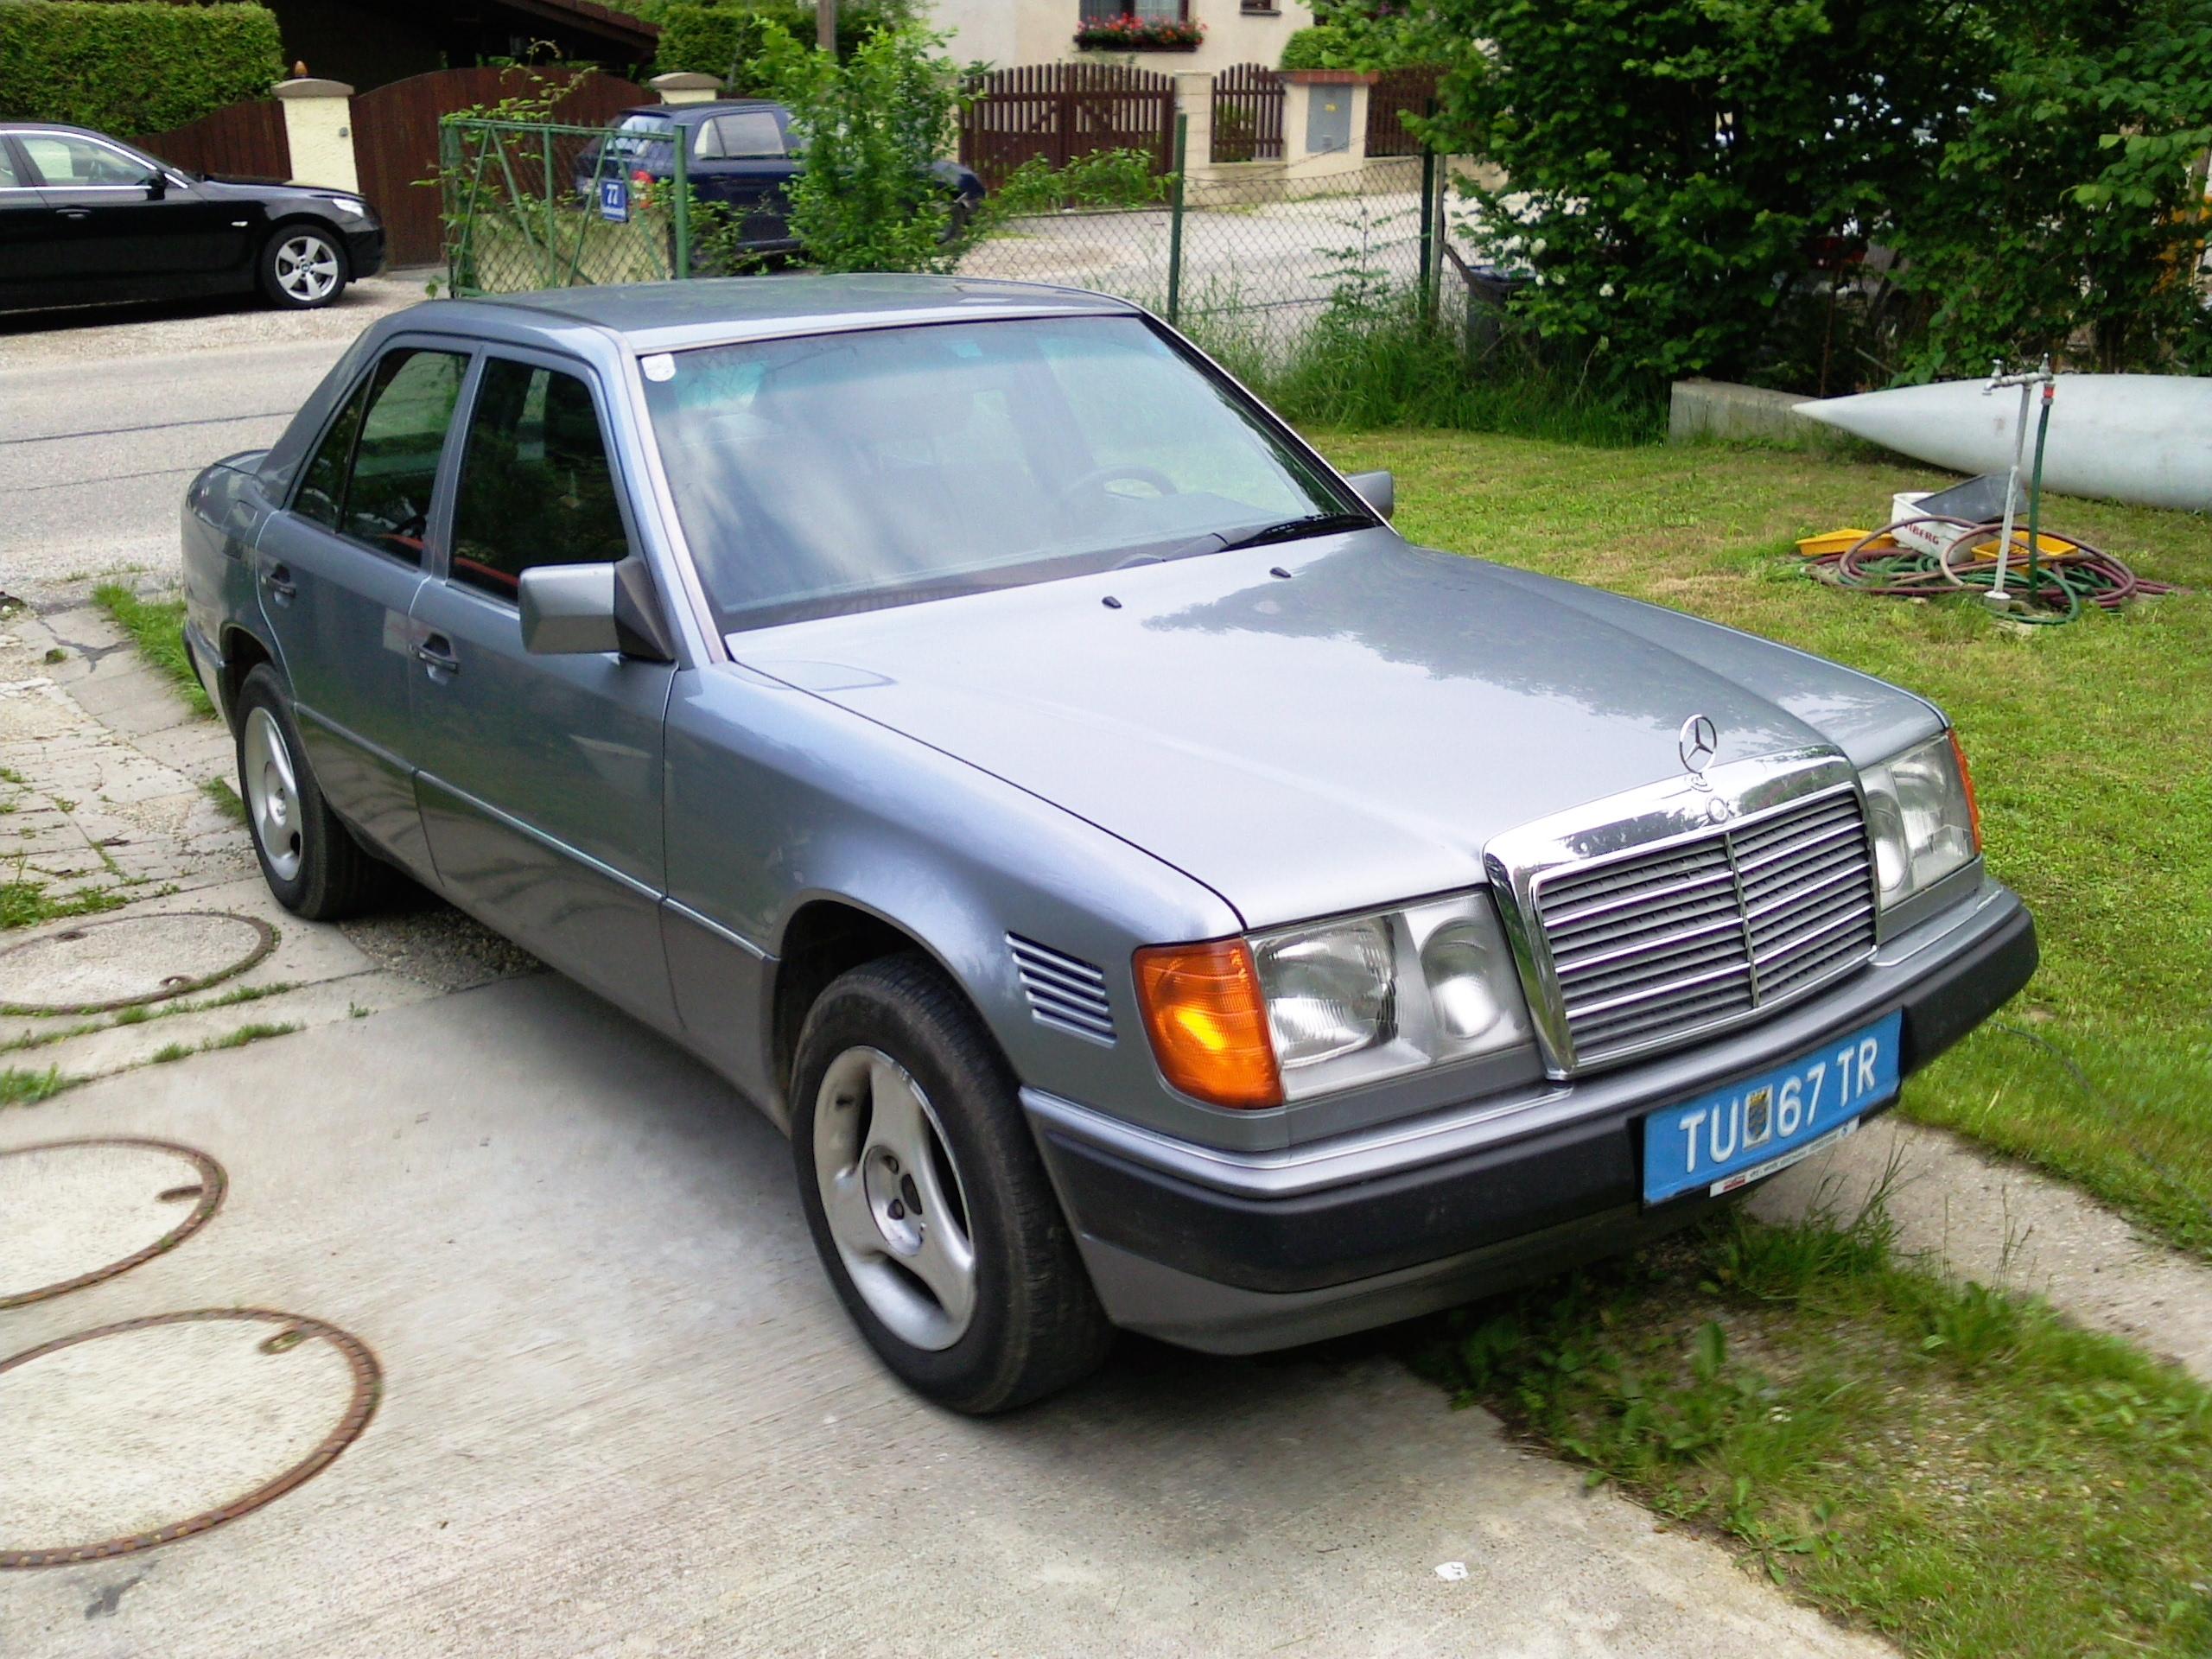 Chrysler 200 Tire Size >> Mercedes-Benz 250 (W124) 250 D (90 Hp)